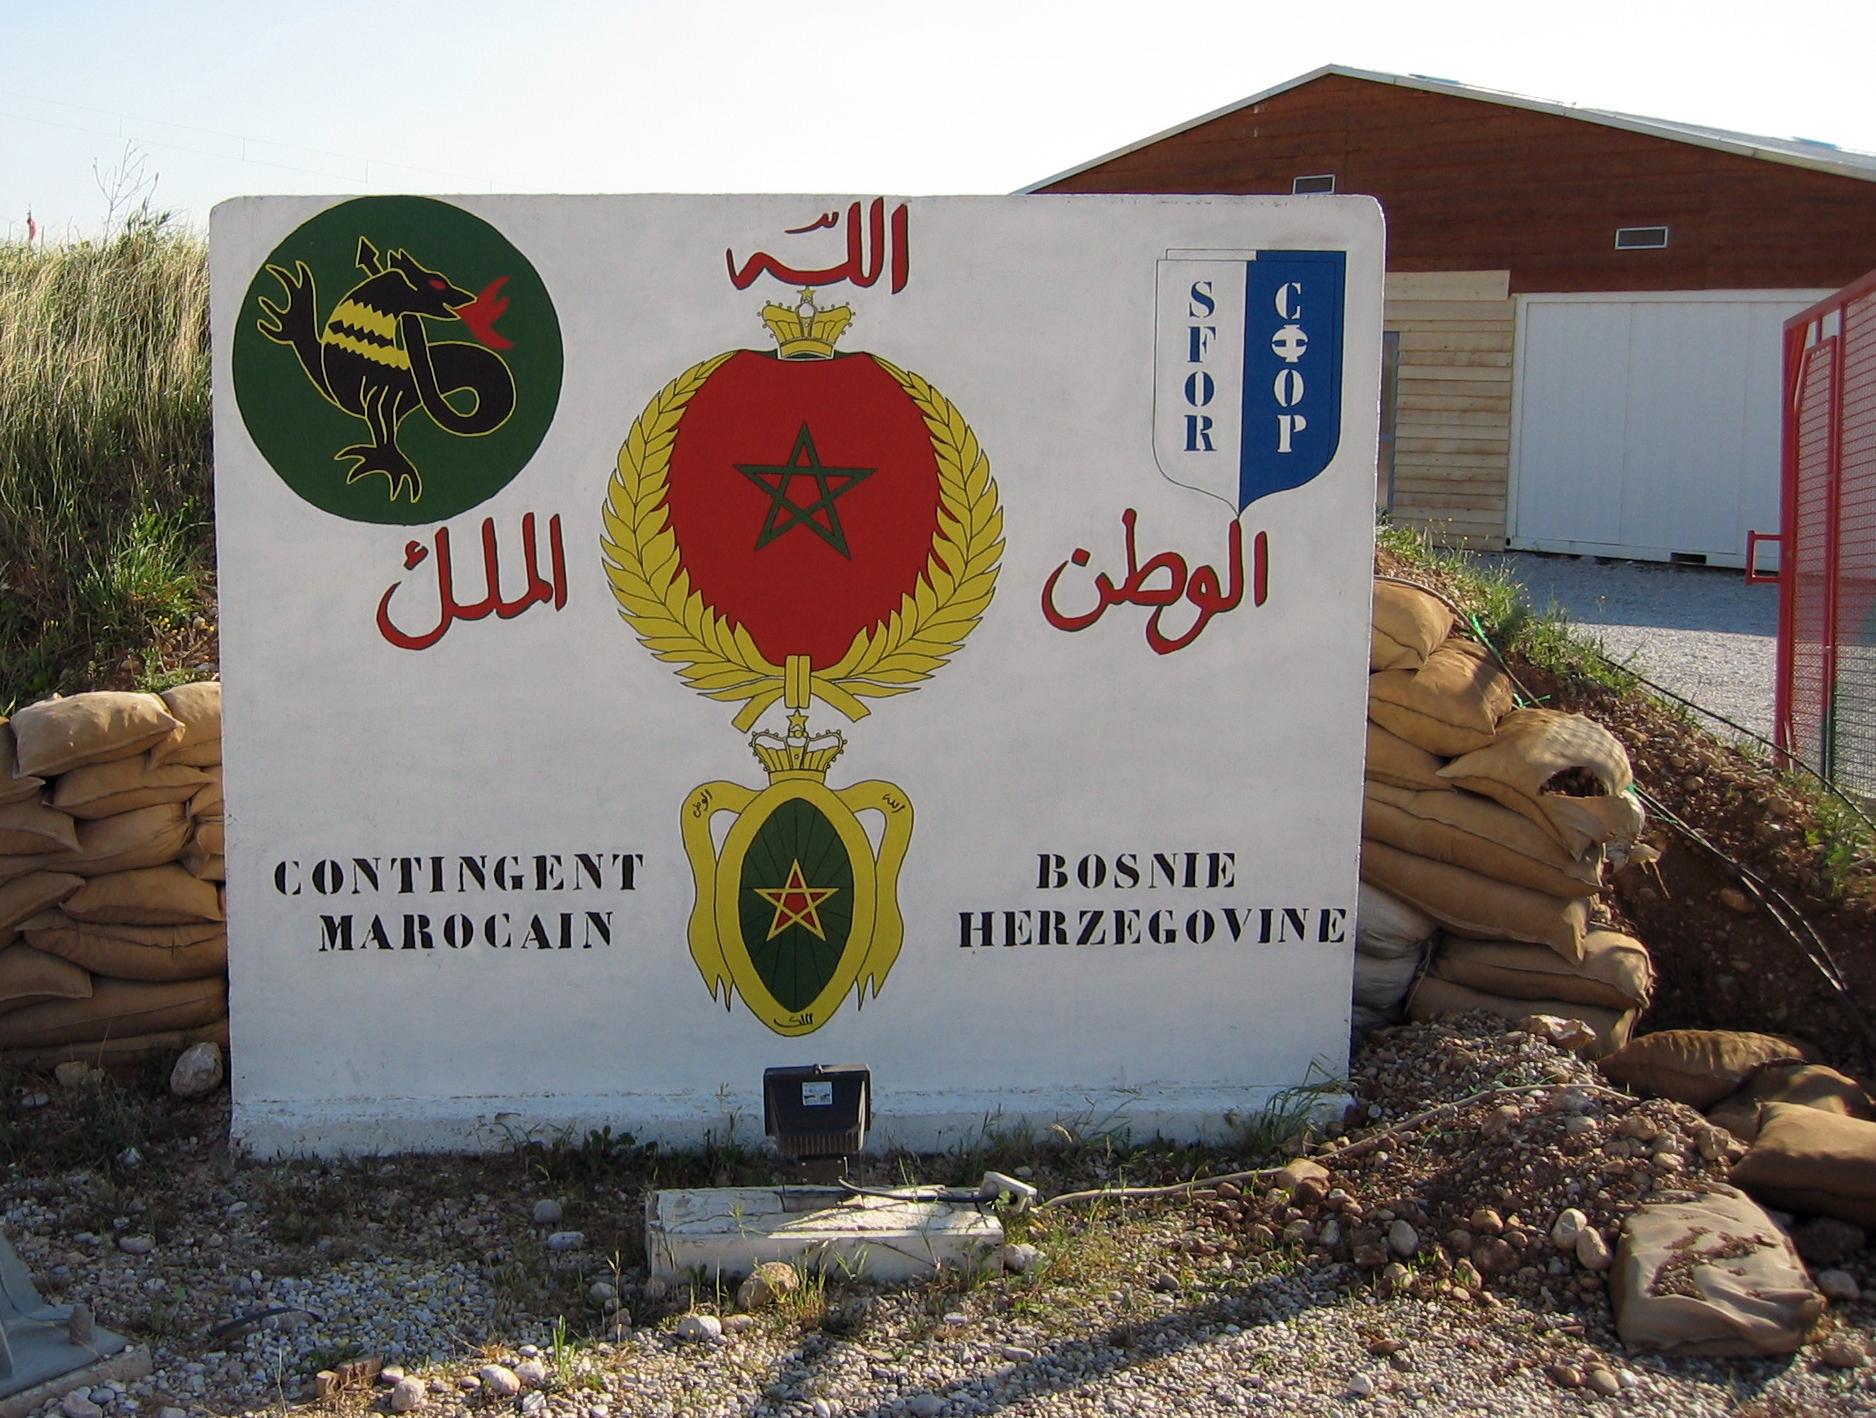 Les F.A.R. en Bosnie  IFOR, SFOR et EUFOR Althea 34525687592_fefe470c72_o